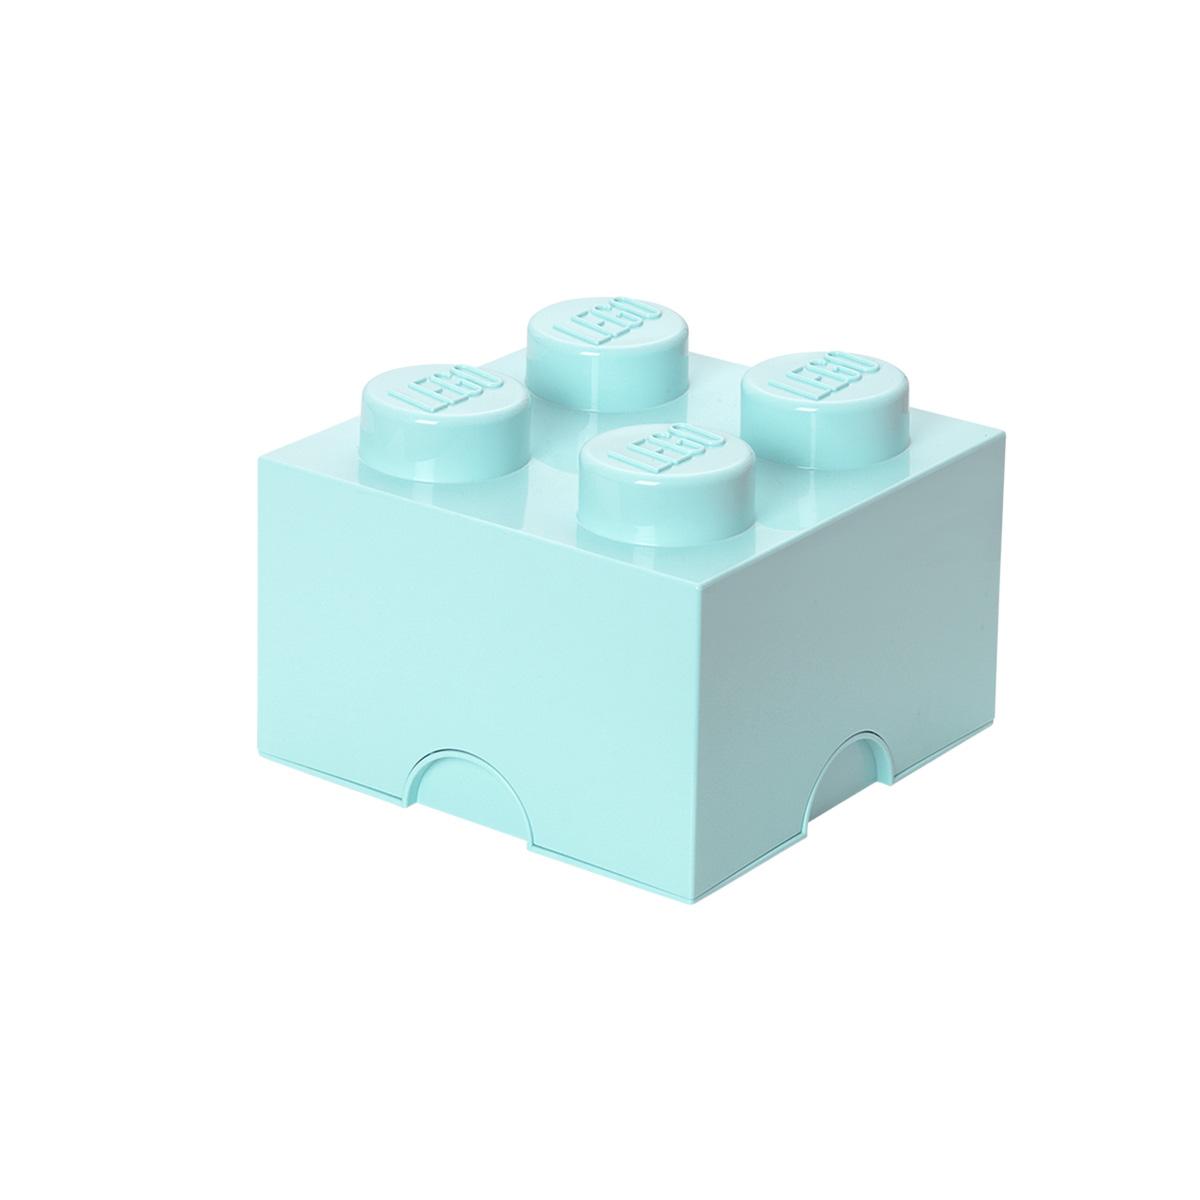 LEGO opbevaringskasse med 4 knopper - Turkis